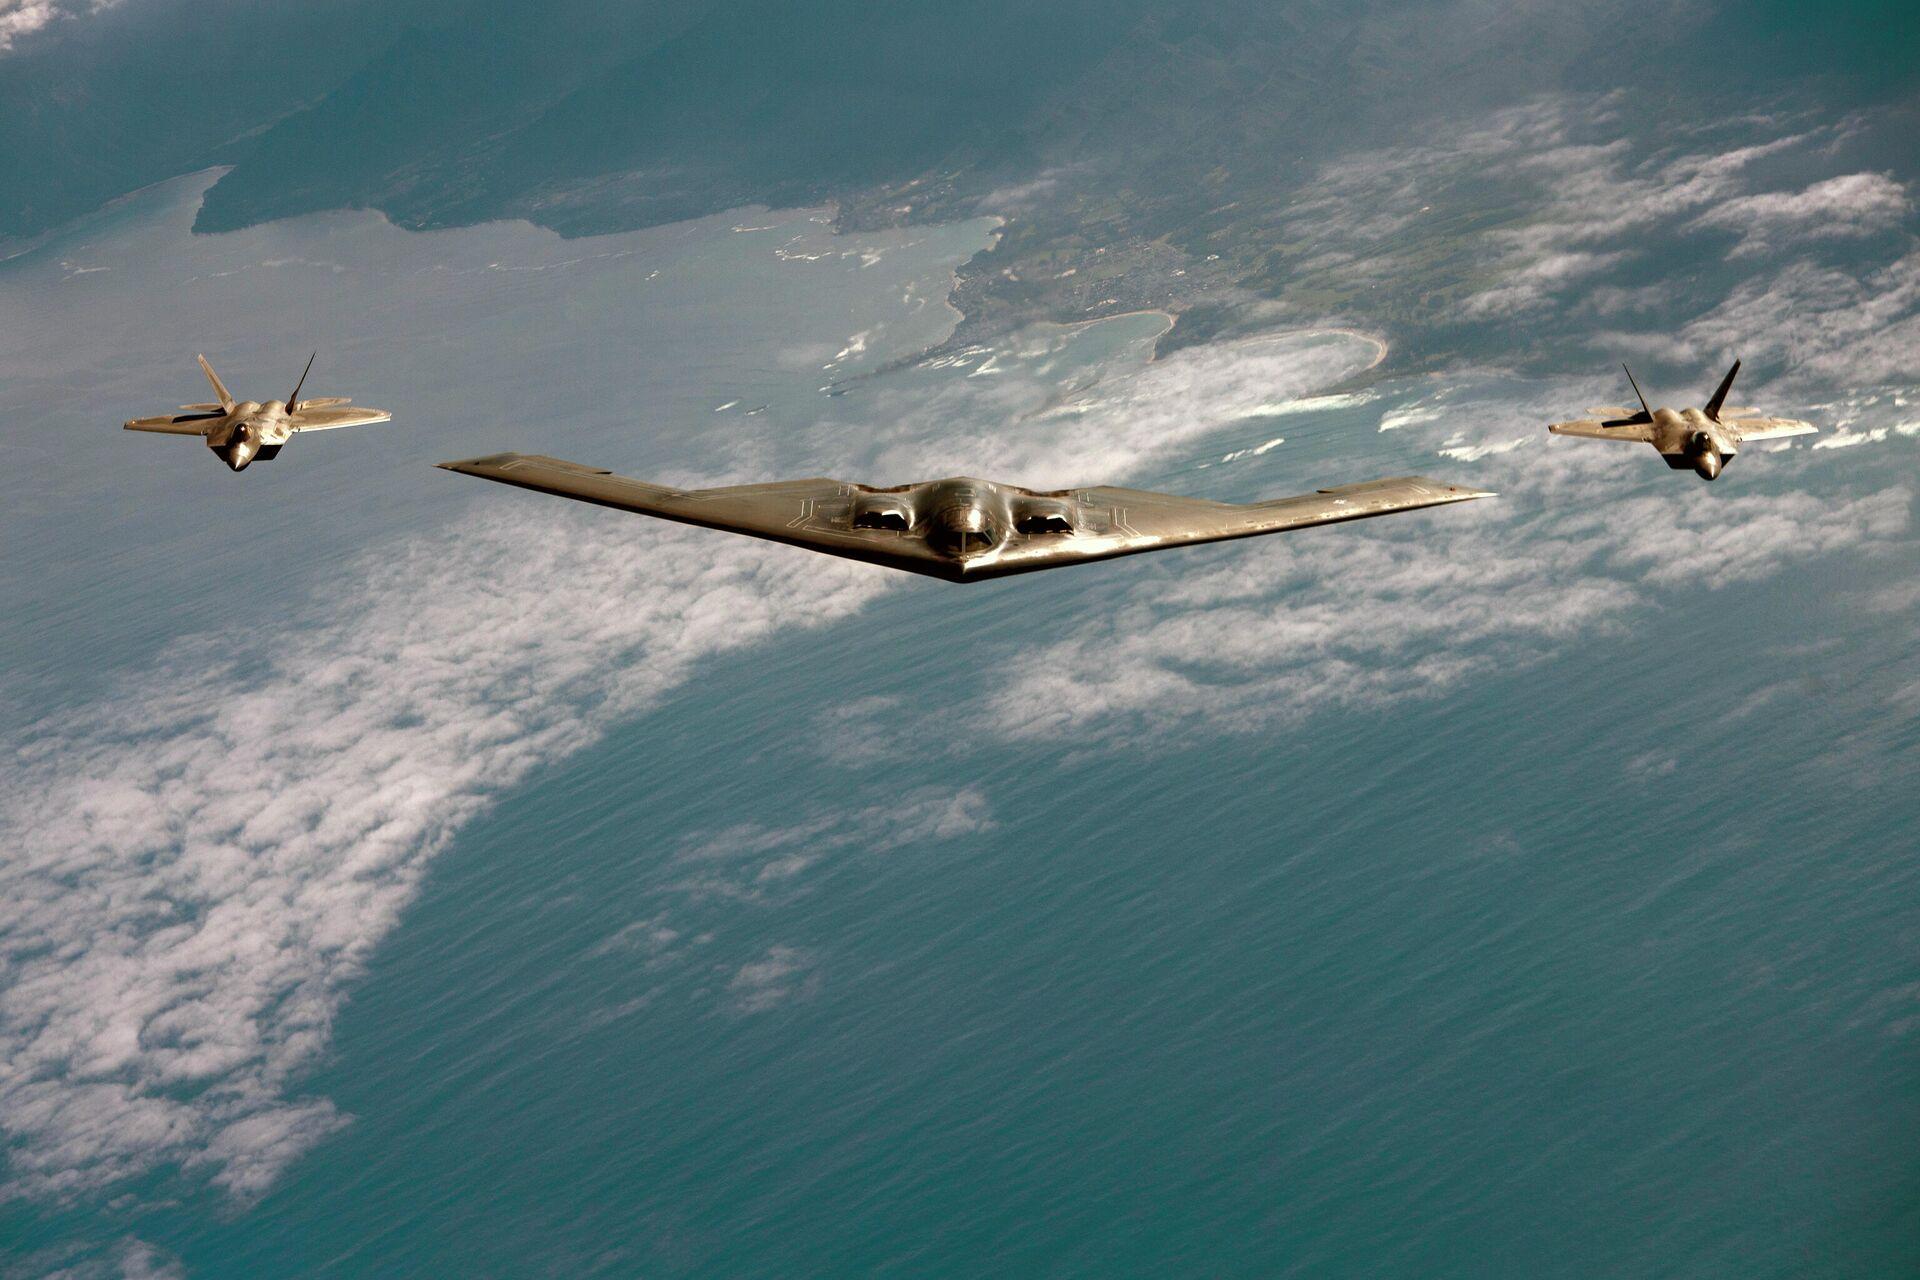 Американский малозаметный стратегический бомбардировщик Northrop B-2 Spirit в сопровождении истребителей F-22 Raptor - РИА Новости, 1920, 01.03.2021